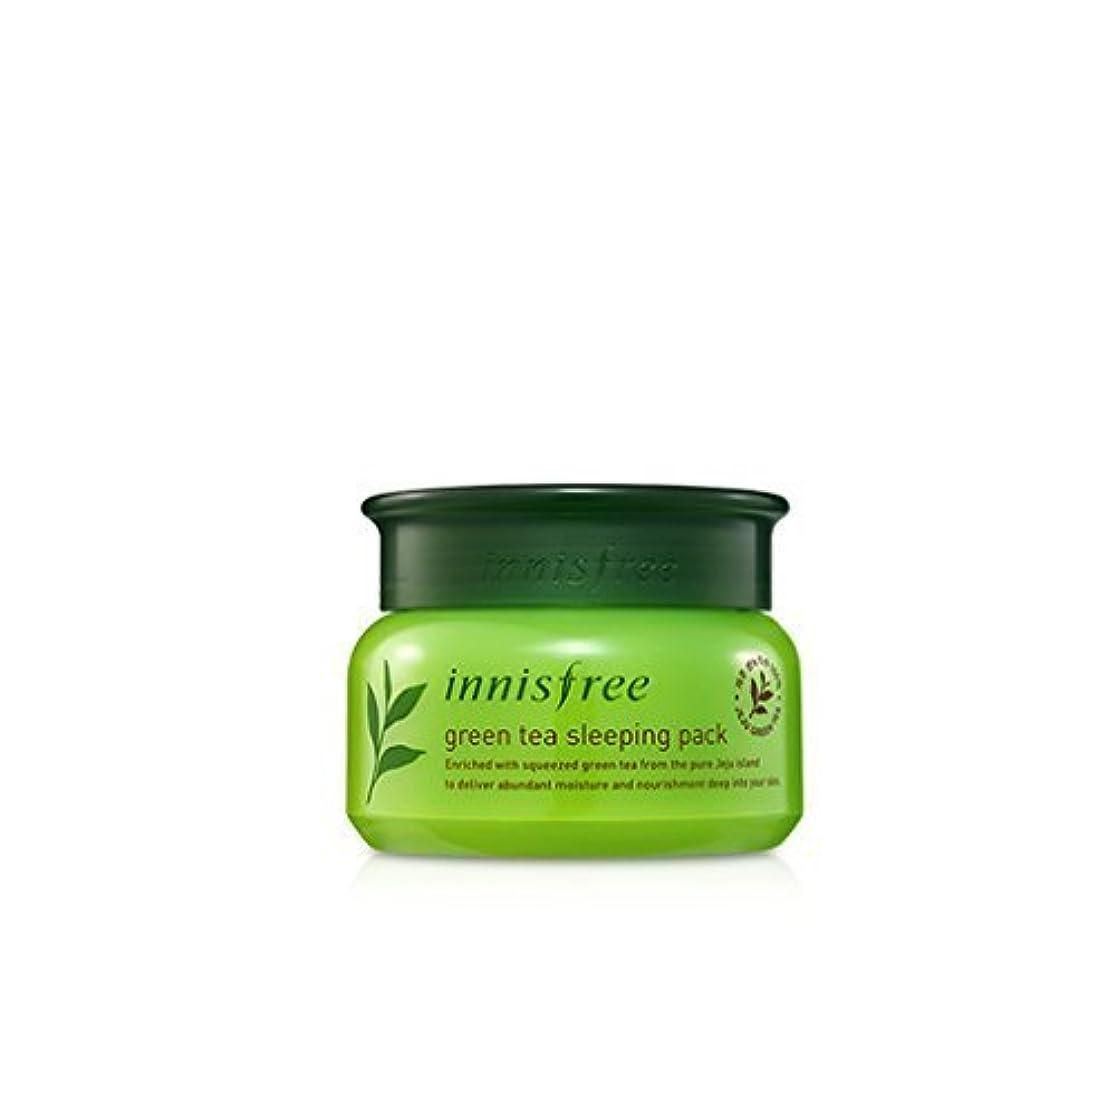 収入アセンブリ代理店[Innisfree] Green Tea Sleeping Pack 80 milliliter [並行輸入品]